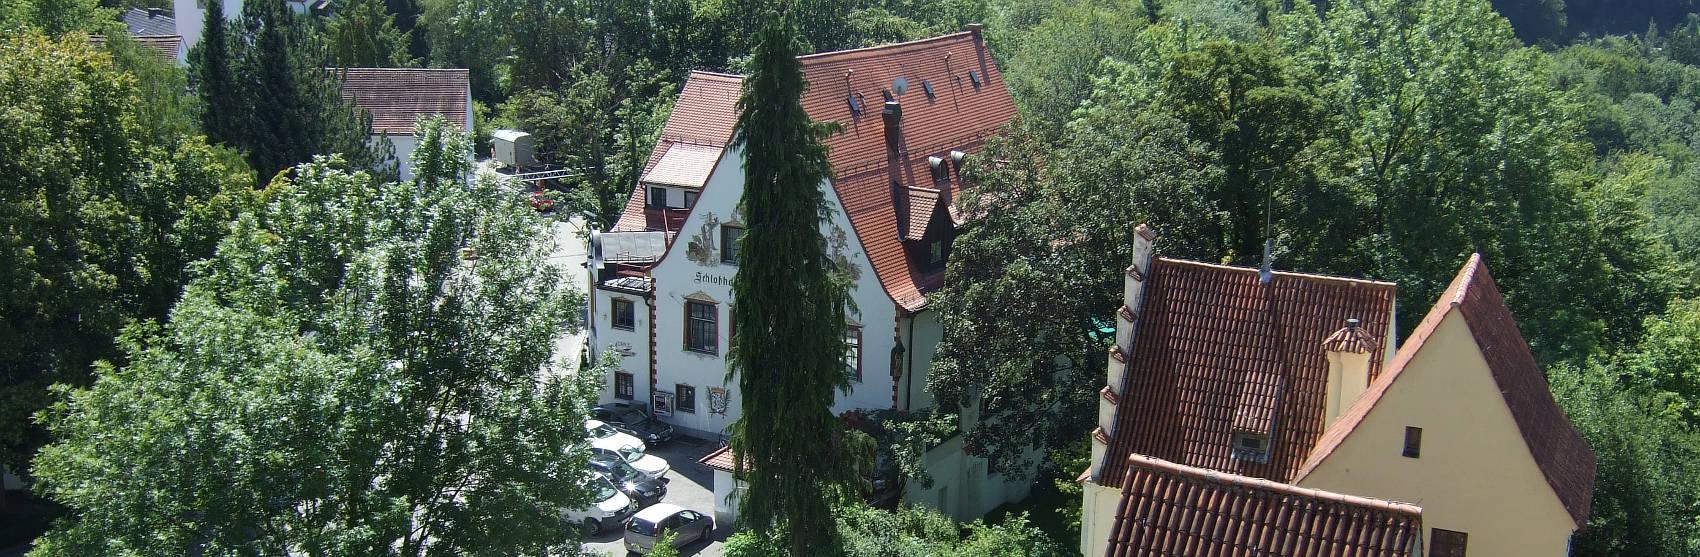 Hotels Pension Munchen Stadt Landkreis